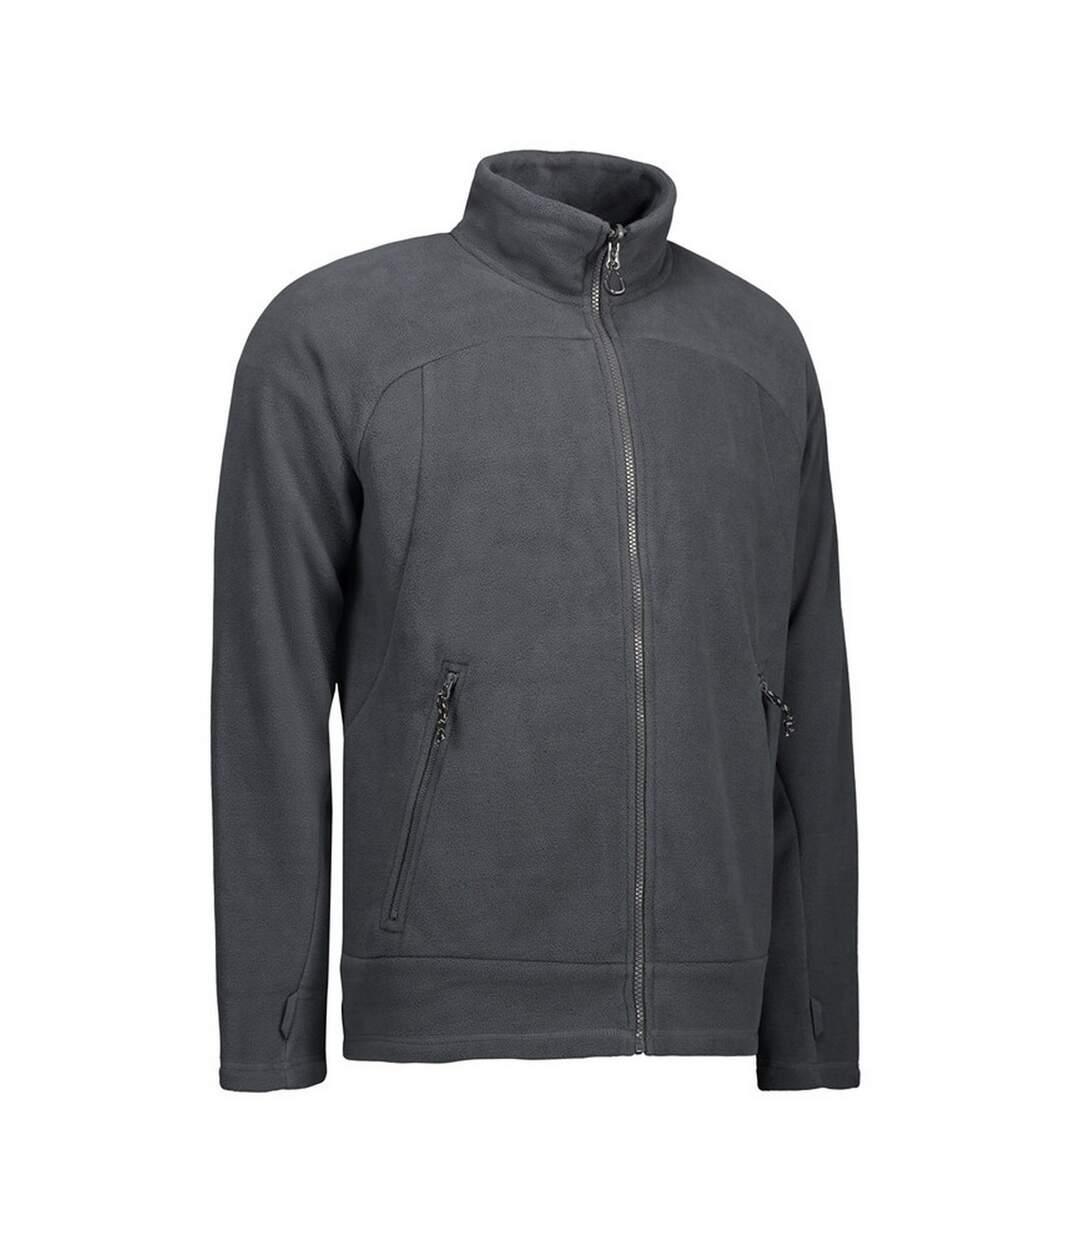 ID Mens Zip N Mix Active Fleece Jacket (Grey) - UTID425